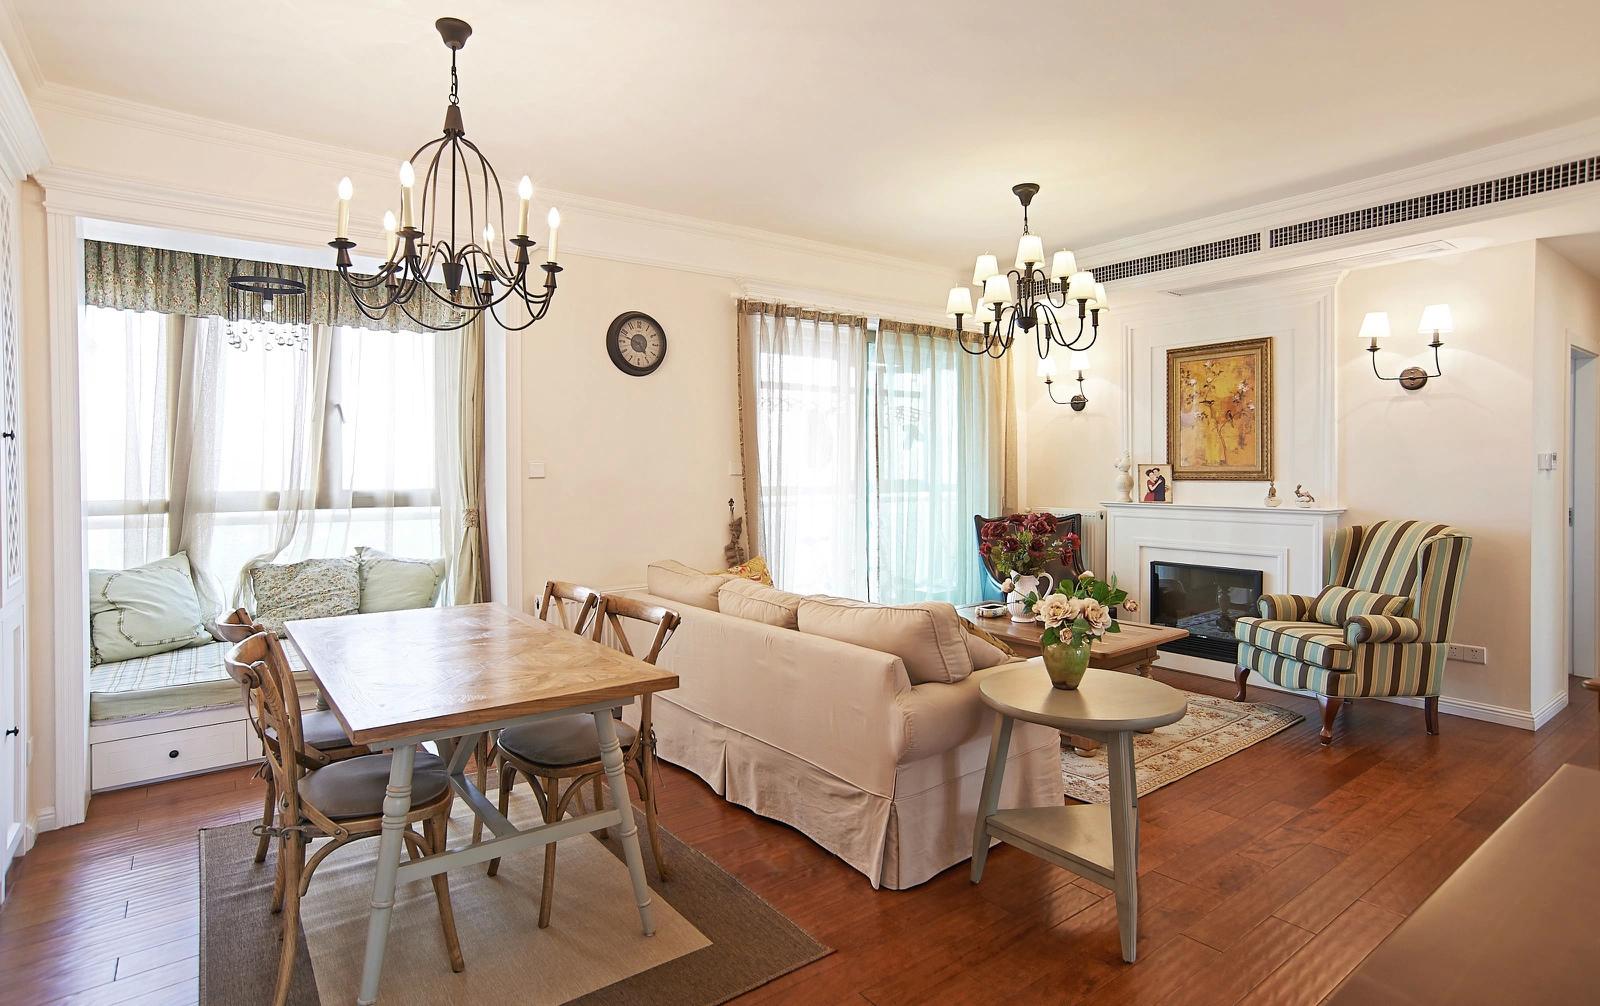 当做沙发的背景也是一个很有创意的空间。